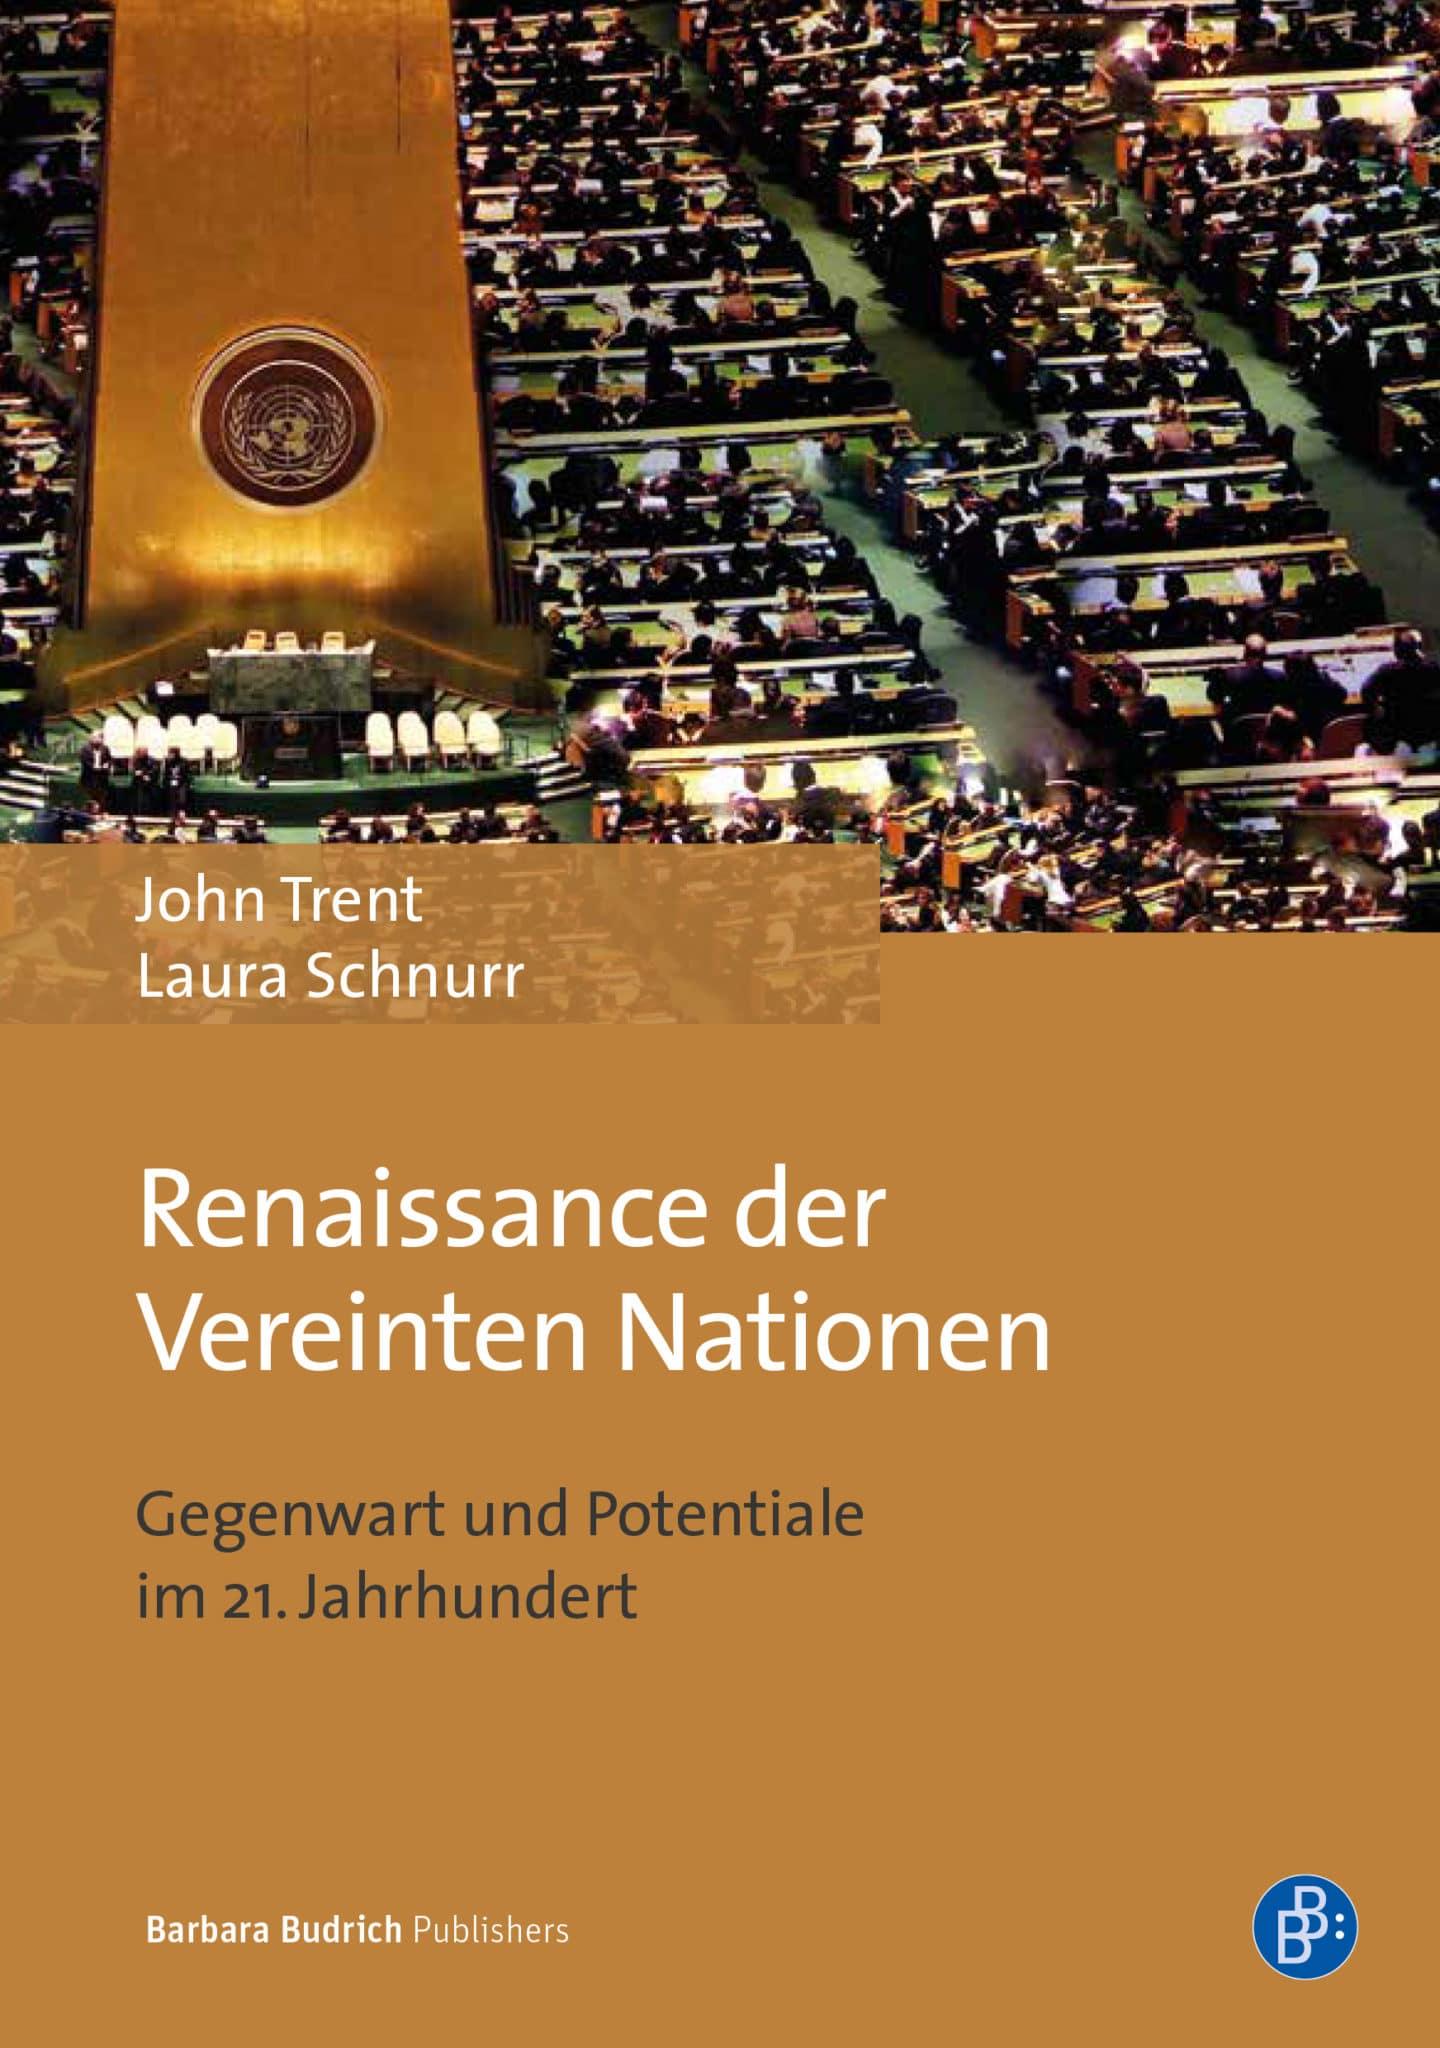 Trent/Schnurr: Renaissance der Vereinten Nationen. Gegenwart und Potentiale im 21. Jahrhundert. Verlag Barbara Budrich. ED. 14.12.2020